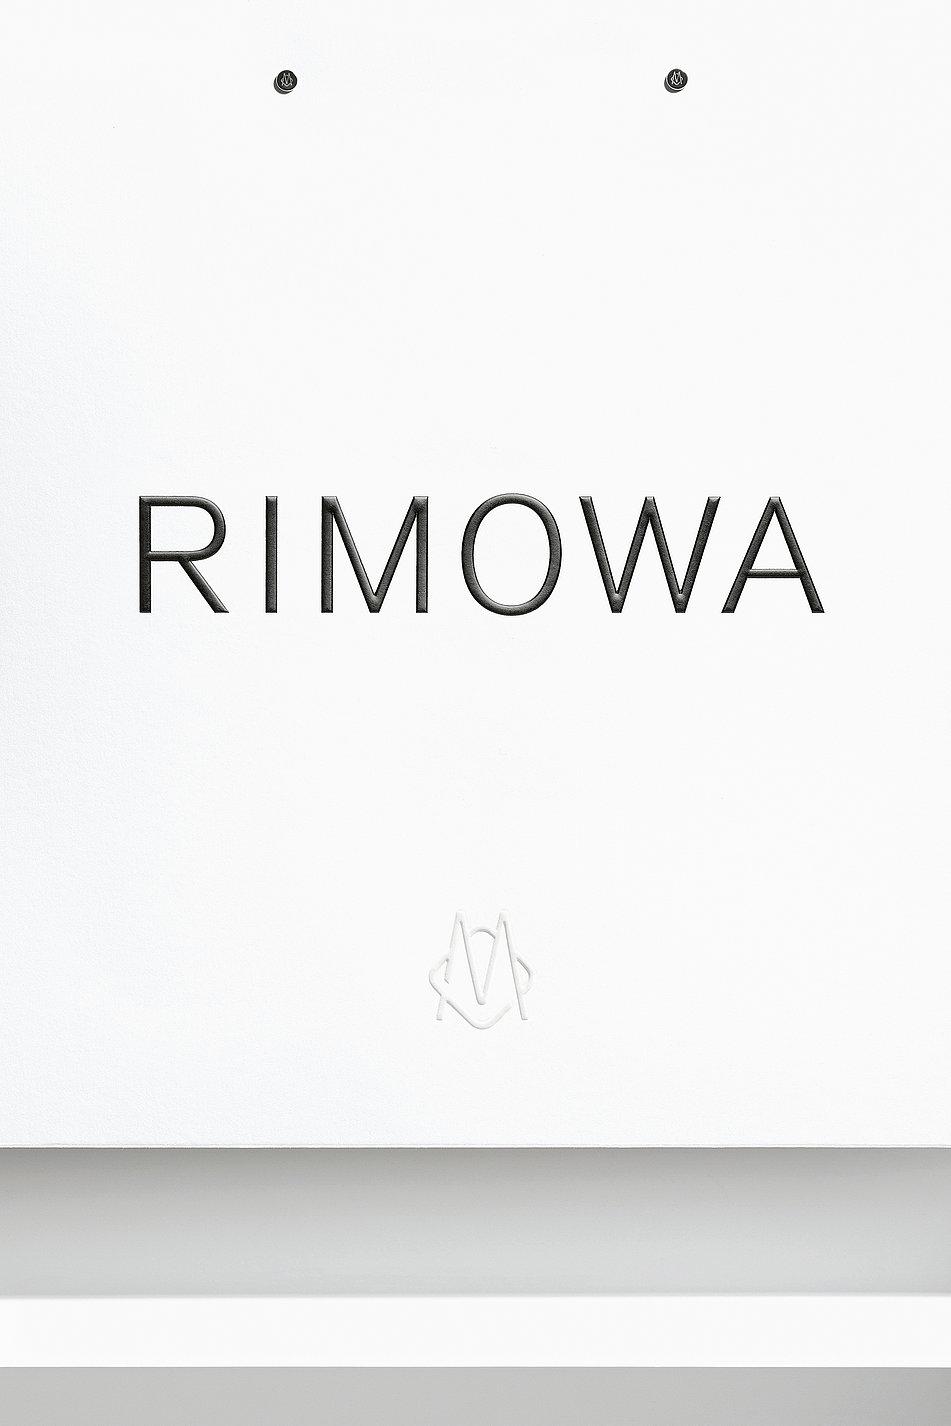 RIMOWA | Red Dot Design Award